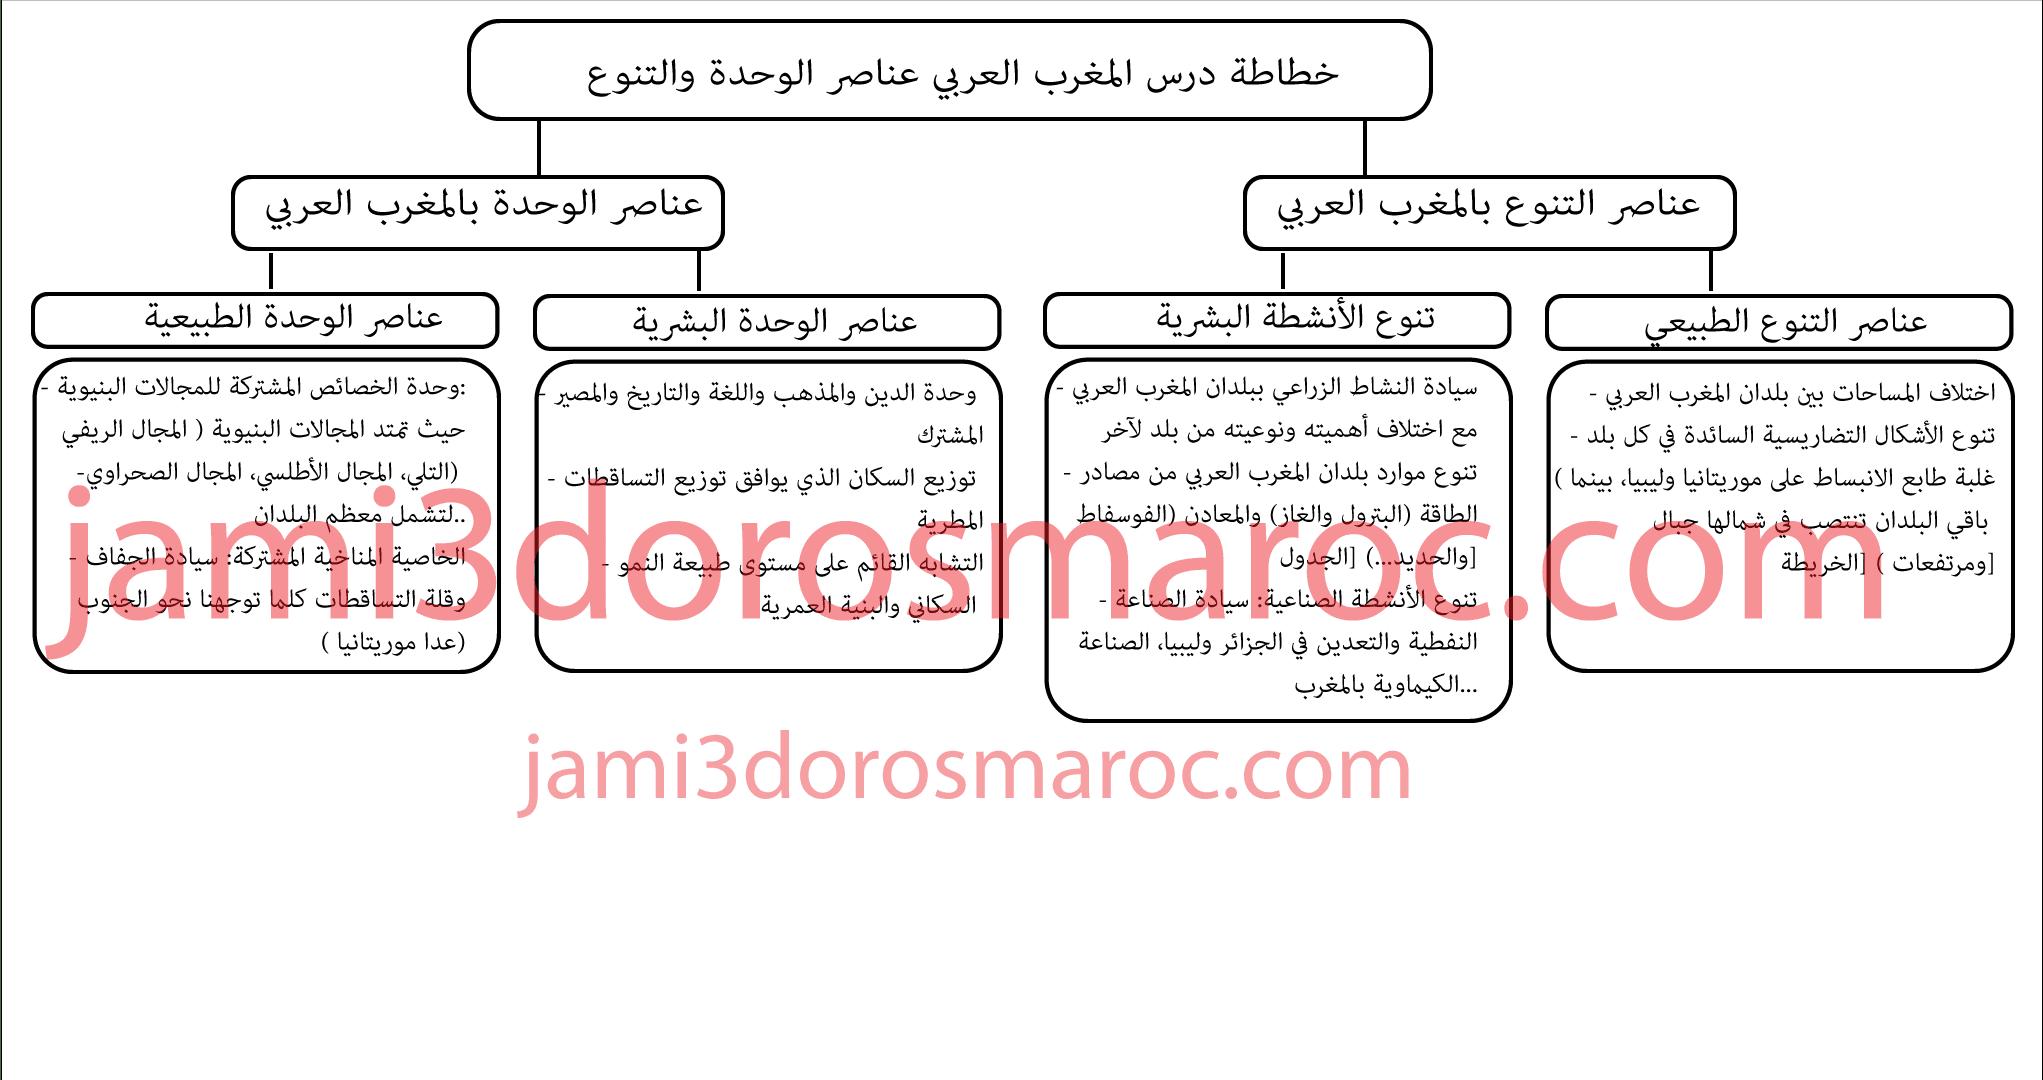 درس المغرب العربي عناصر الوحدة والتنوع